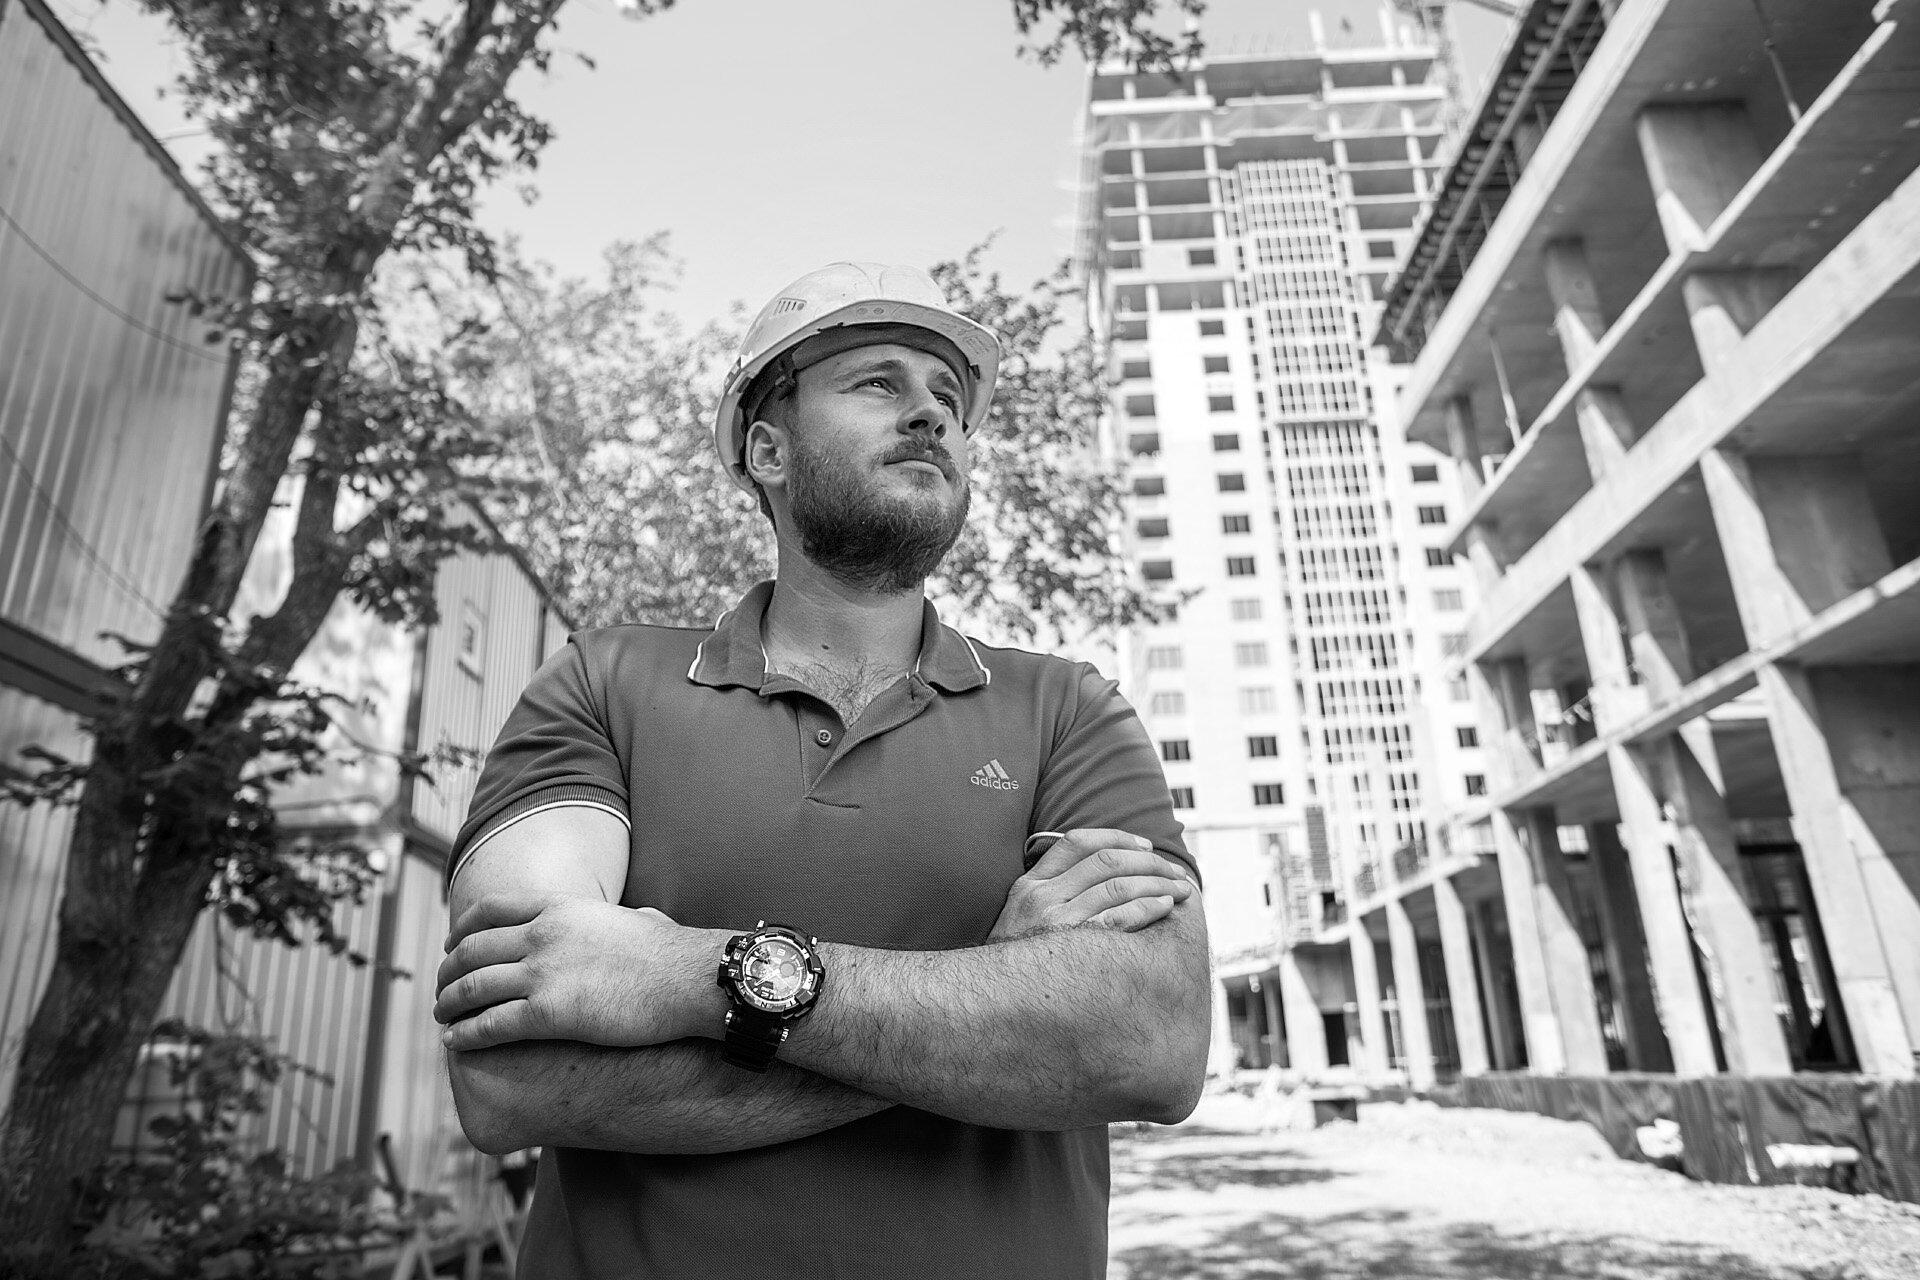 Евгений, 28 лет, прораб компании «Легион» на стройке ЖК «Башни свободы»